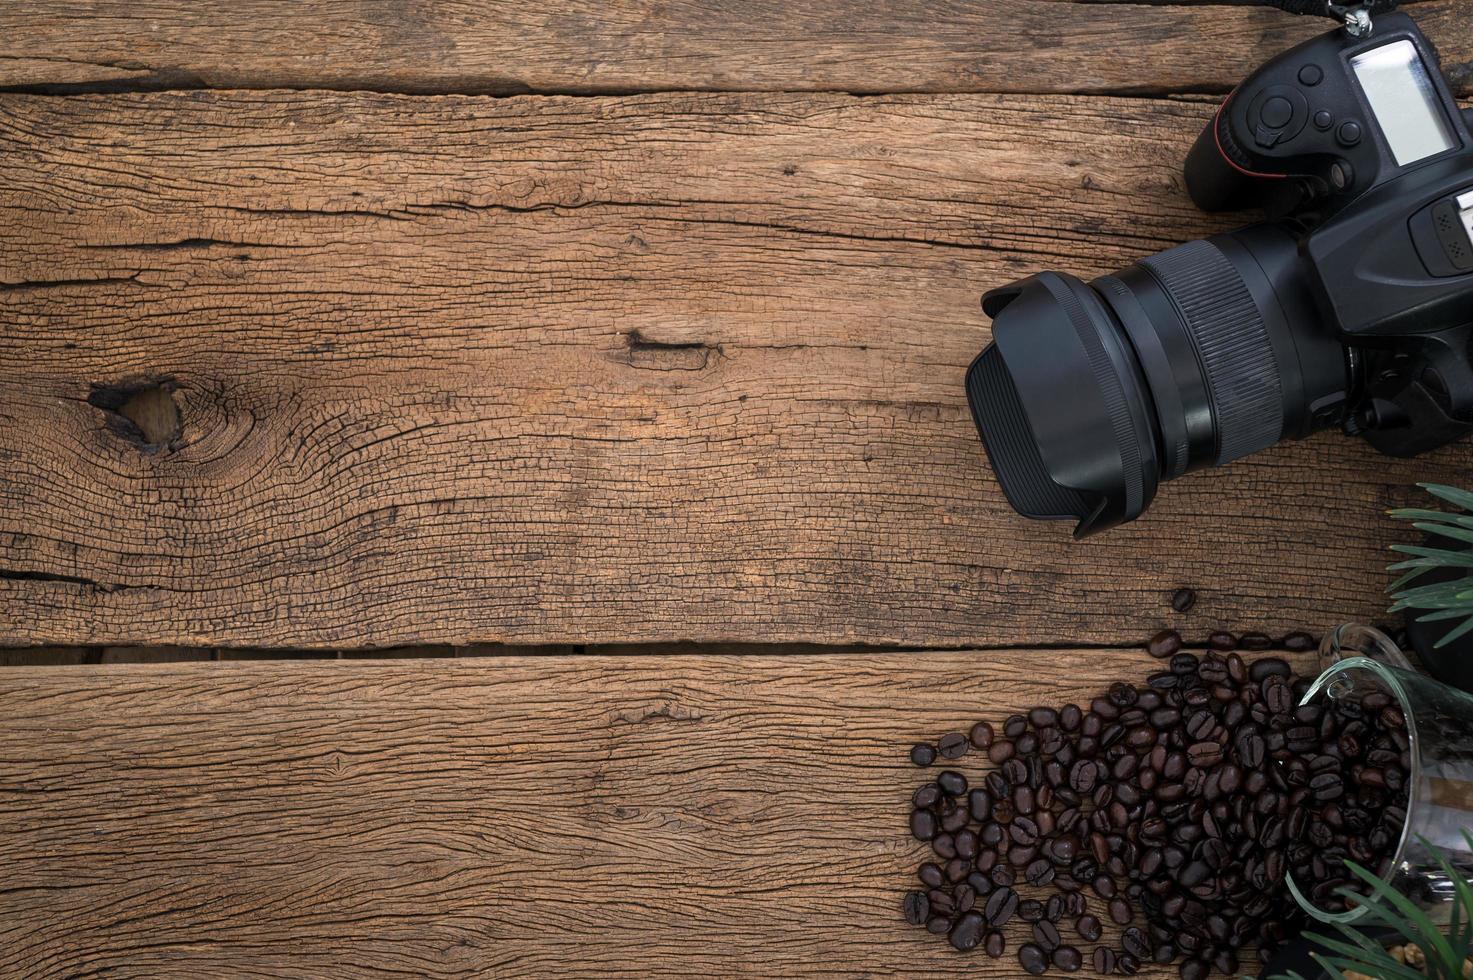 appareil photo avec des grains de café